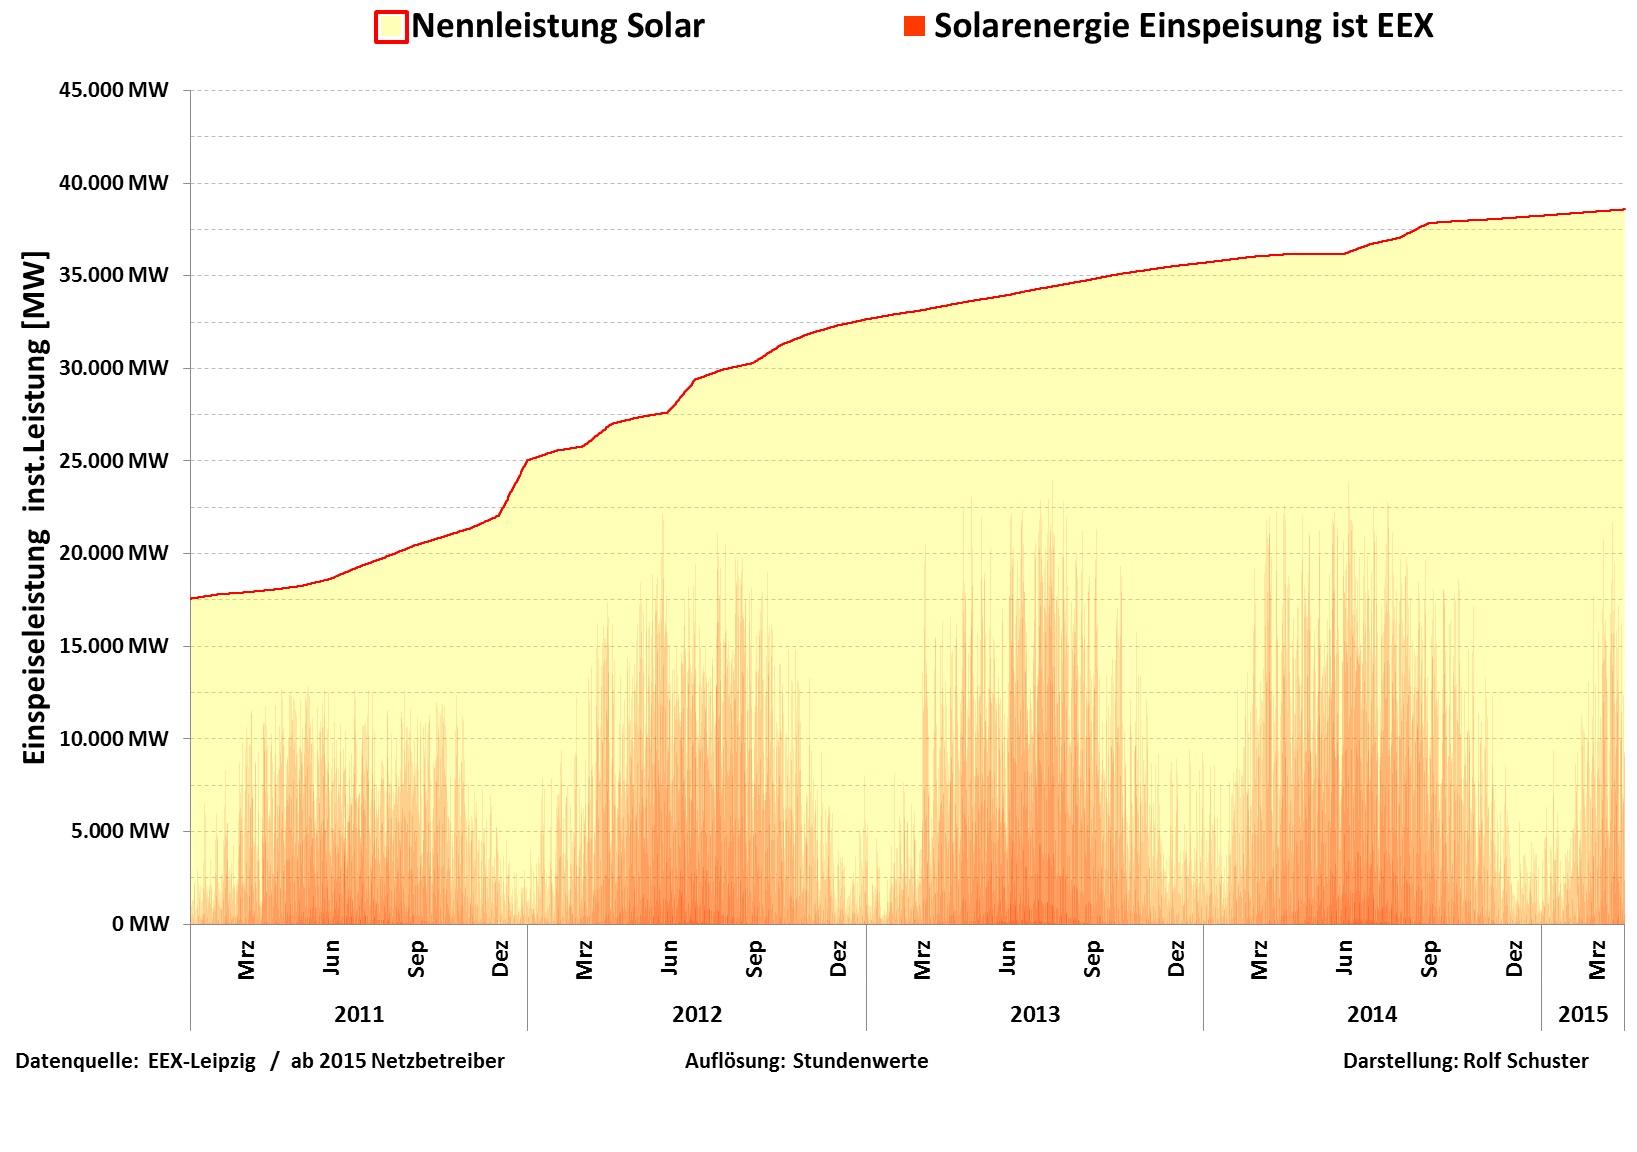 Bild 1: Entwicklung der Solarenergie in Deutschland 2011 bis März 2015